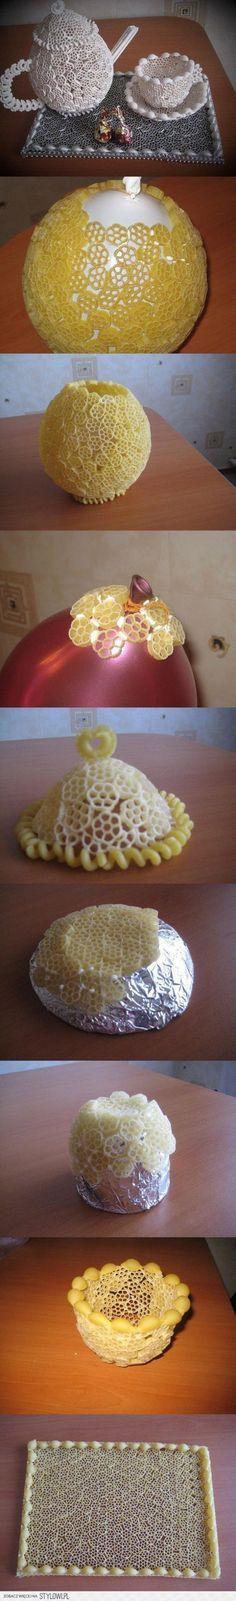 gemaakt van pasta leuk kleurtje en klaar